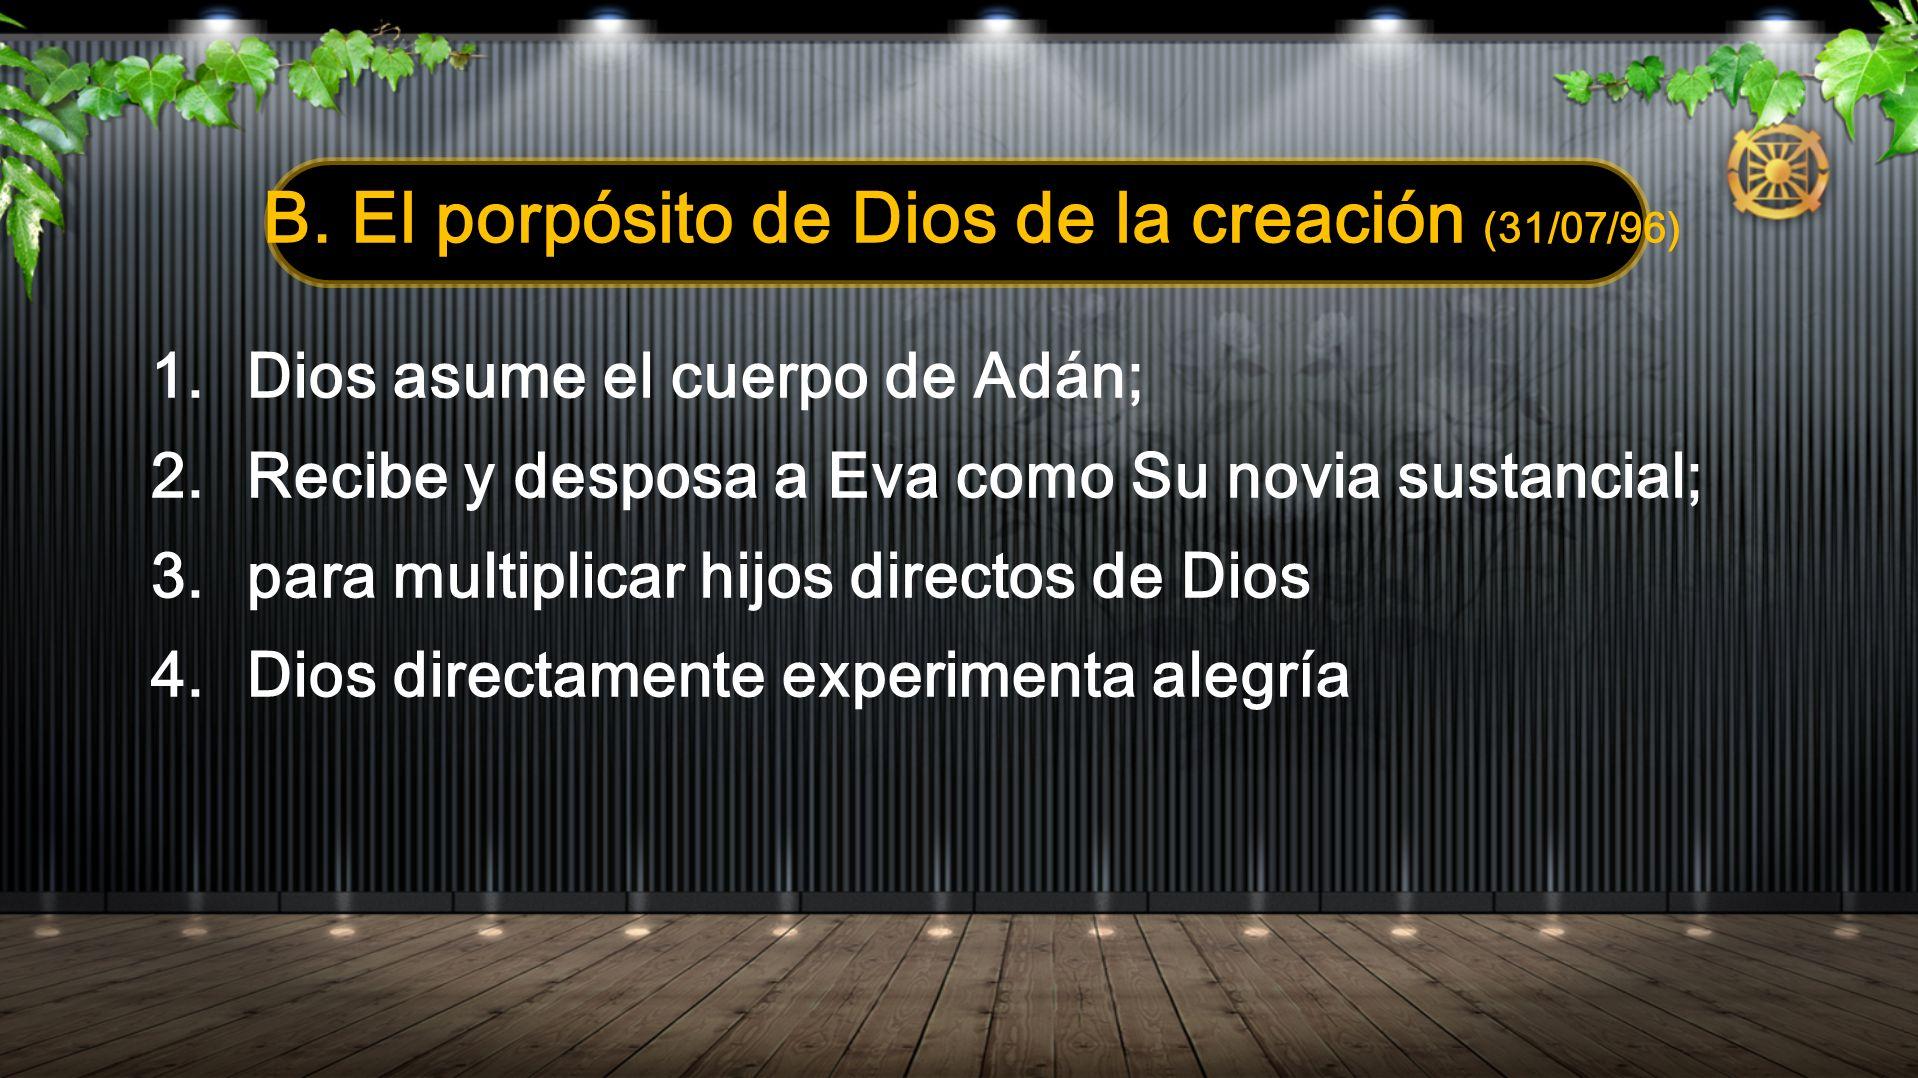 1.Adán es el cuerpo sustancial de Dios 2. Eva es la esposa de Adán y también de Dios 3.